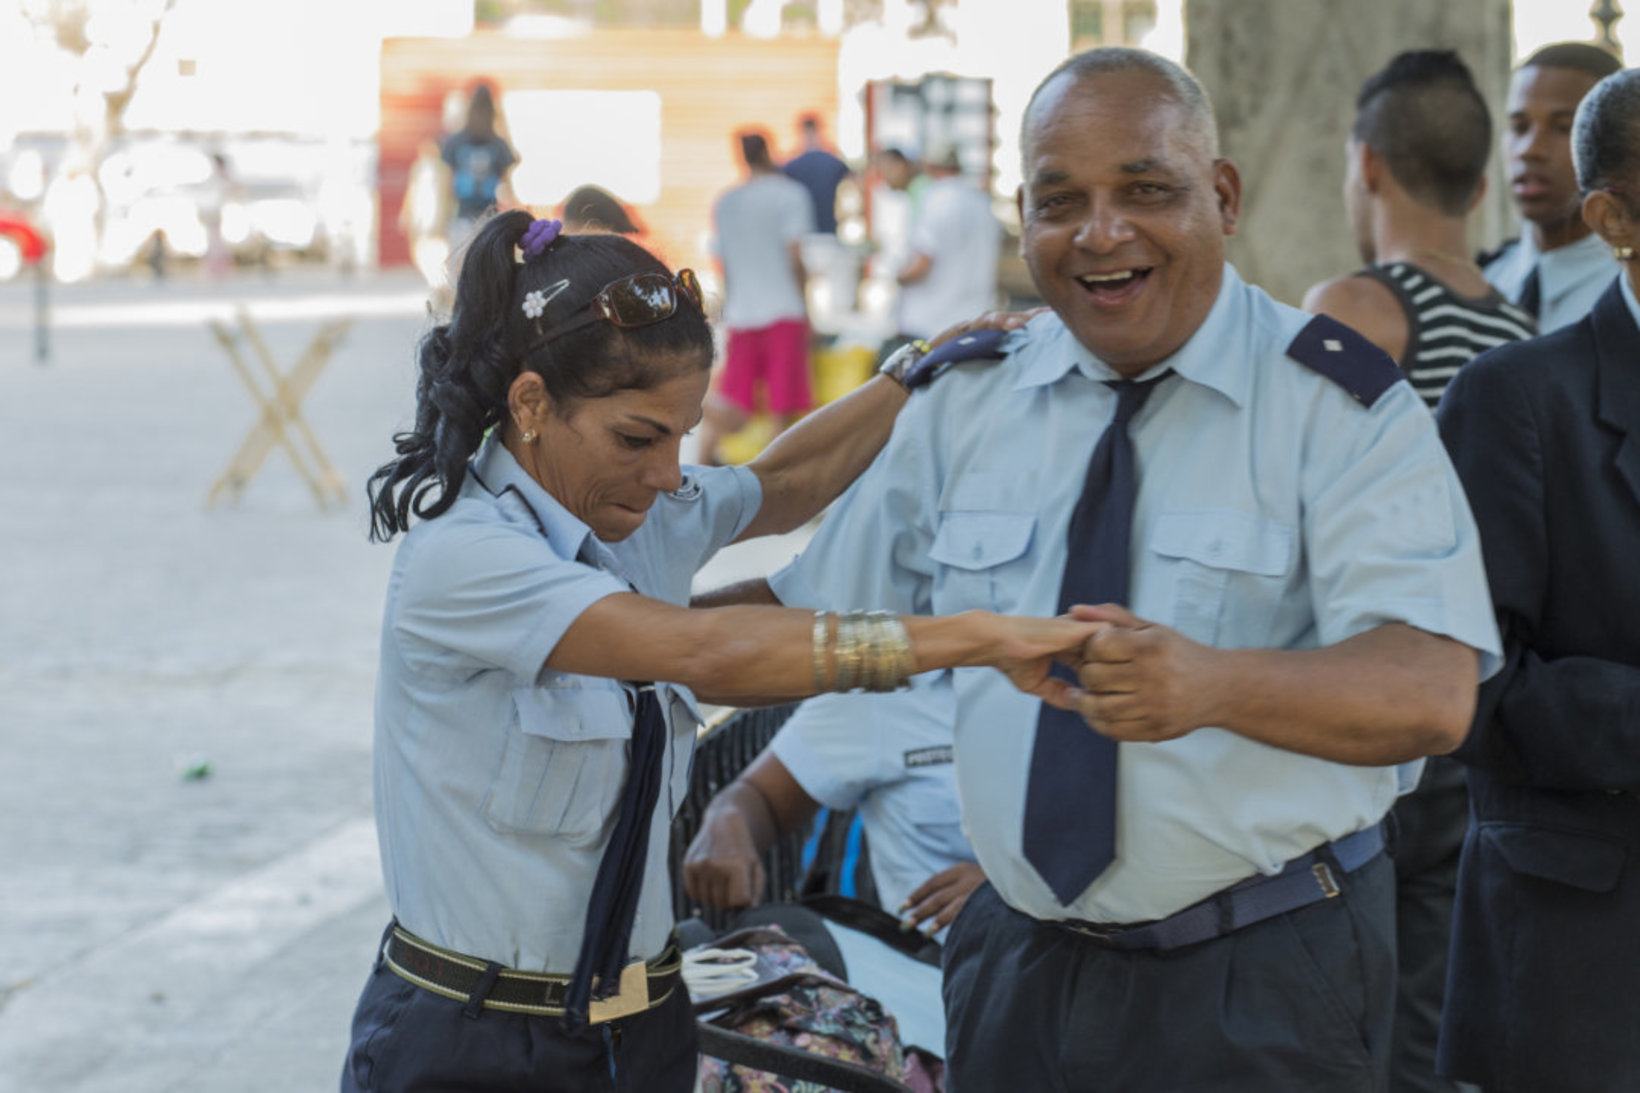 Avec la danse, rencontrez les Cubains autrement